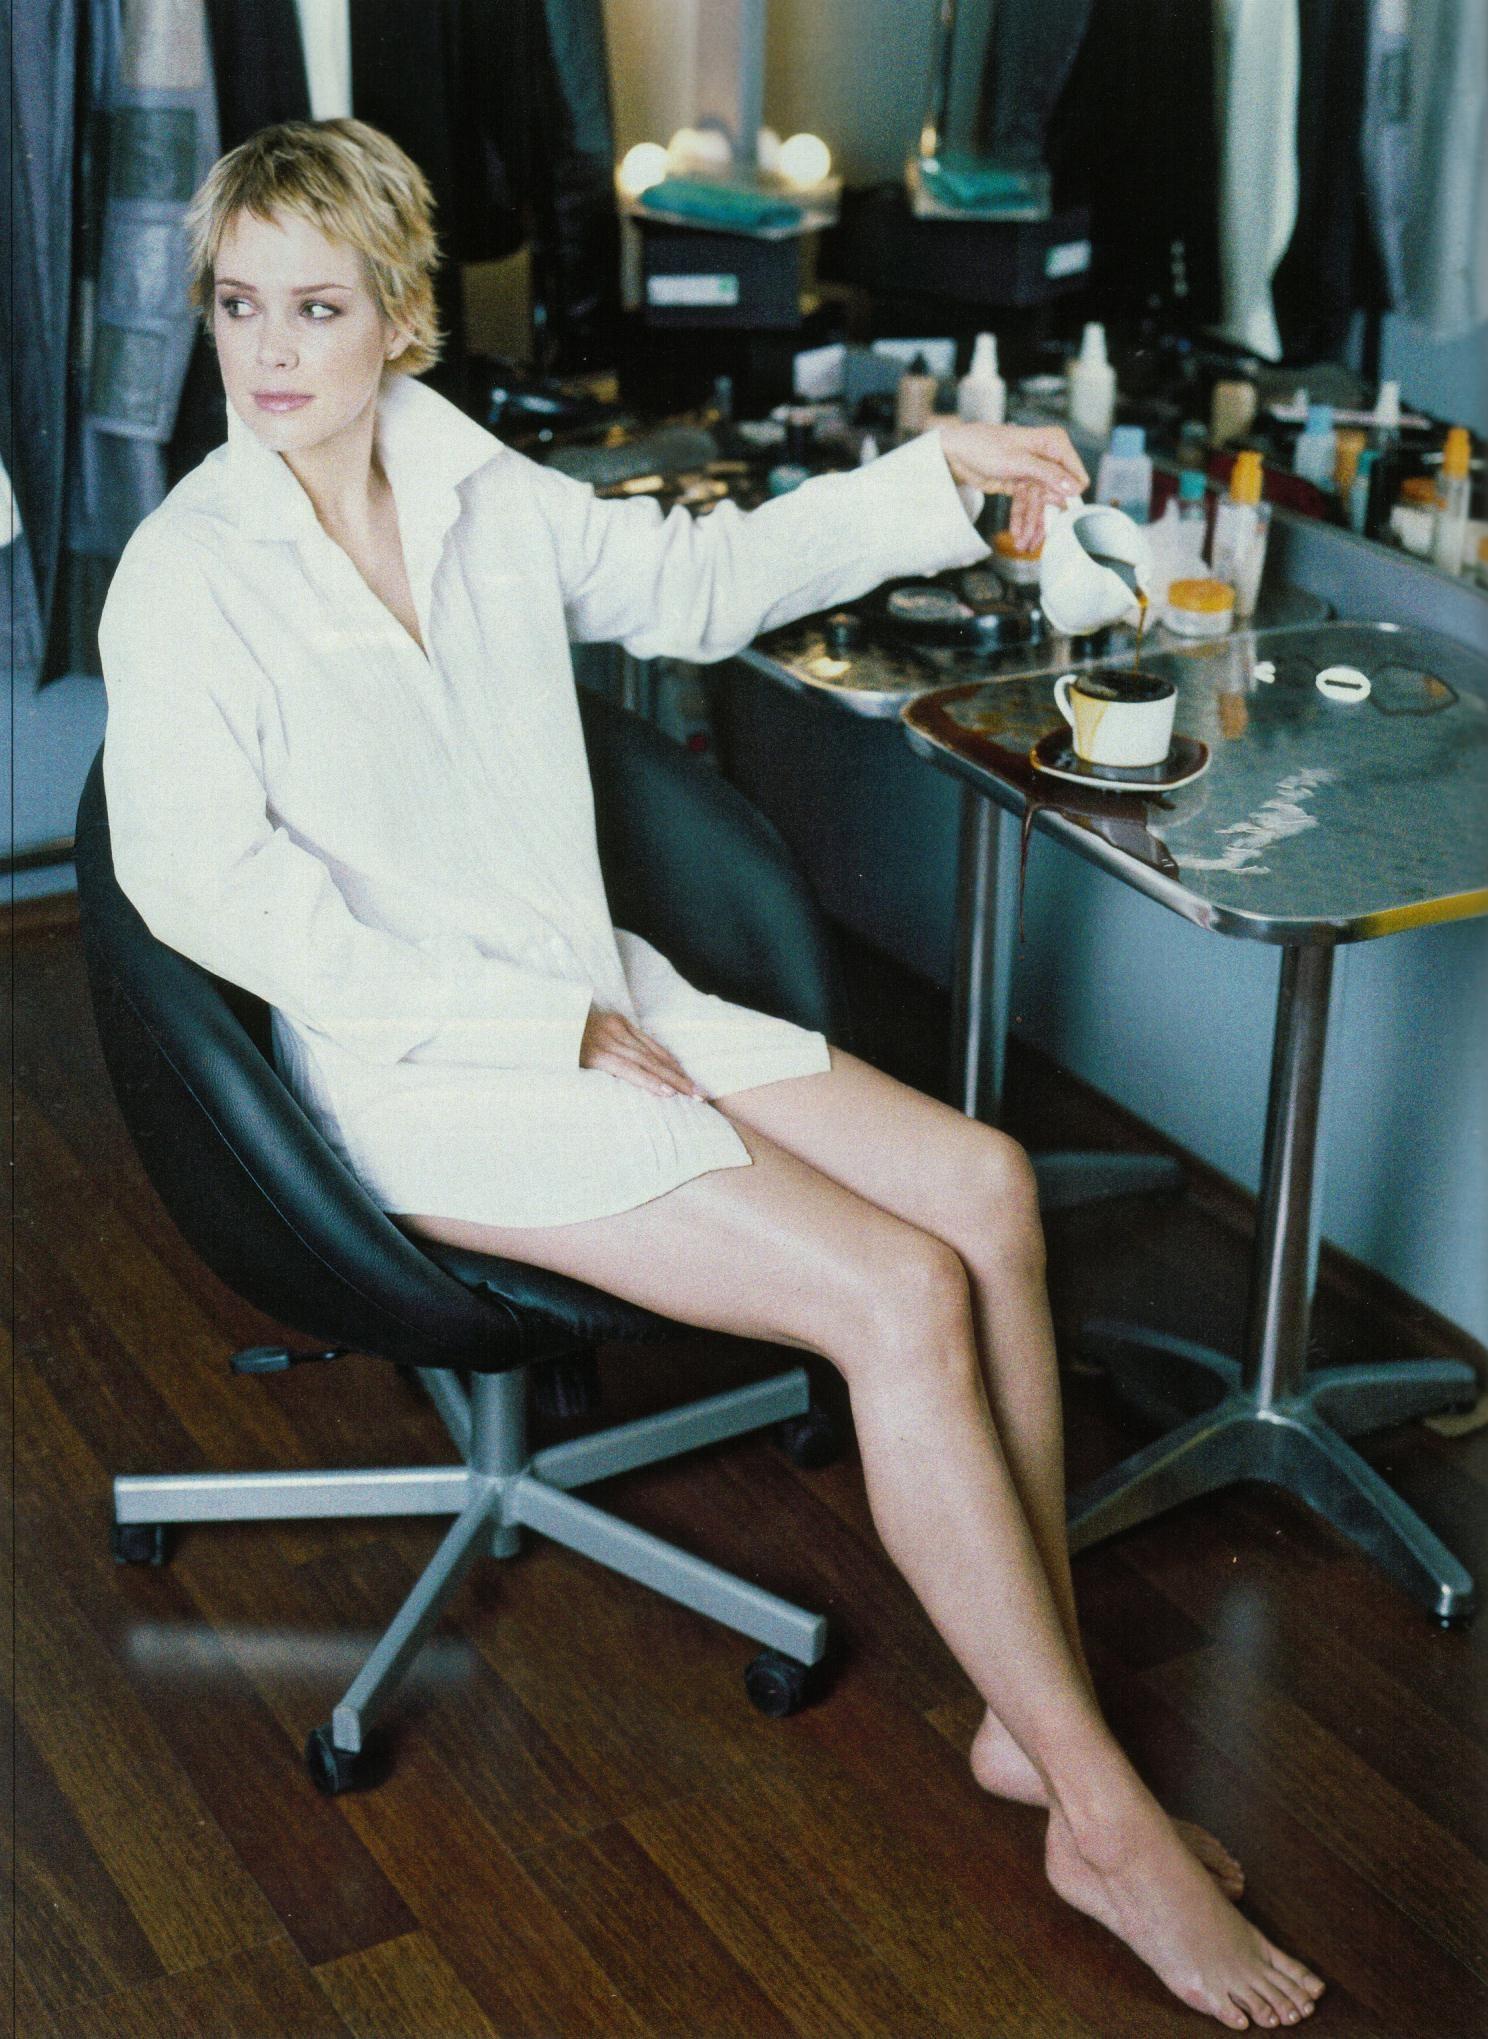 Andrea Osvart Hot Pics andrea osvárt | women, wash, go, hot